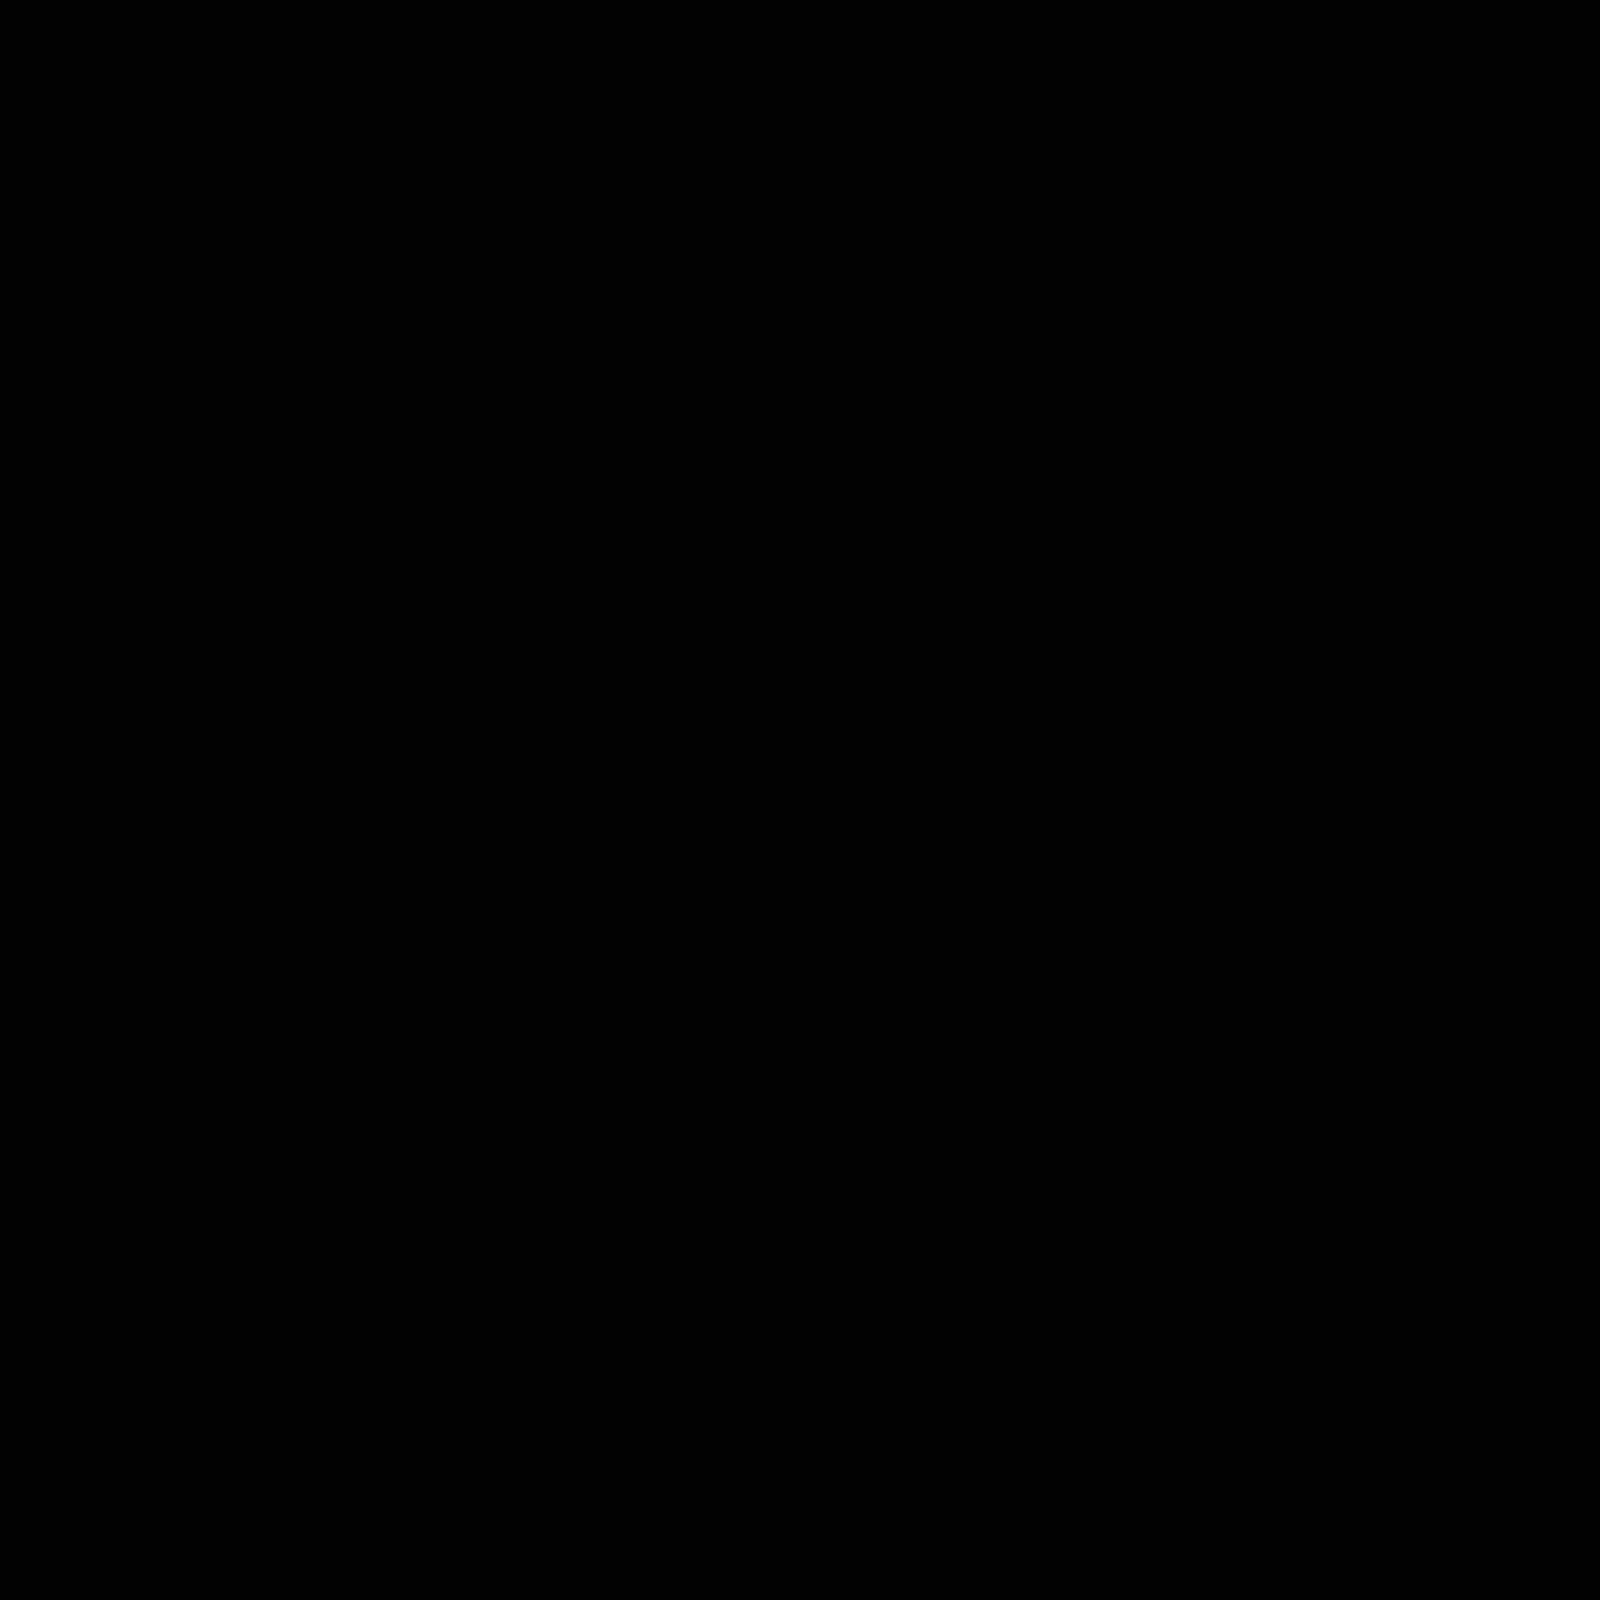 Drzemka icon